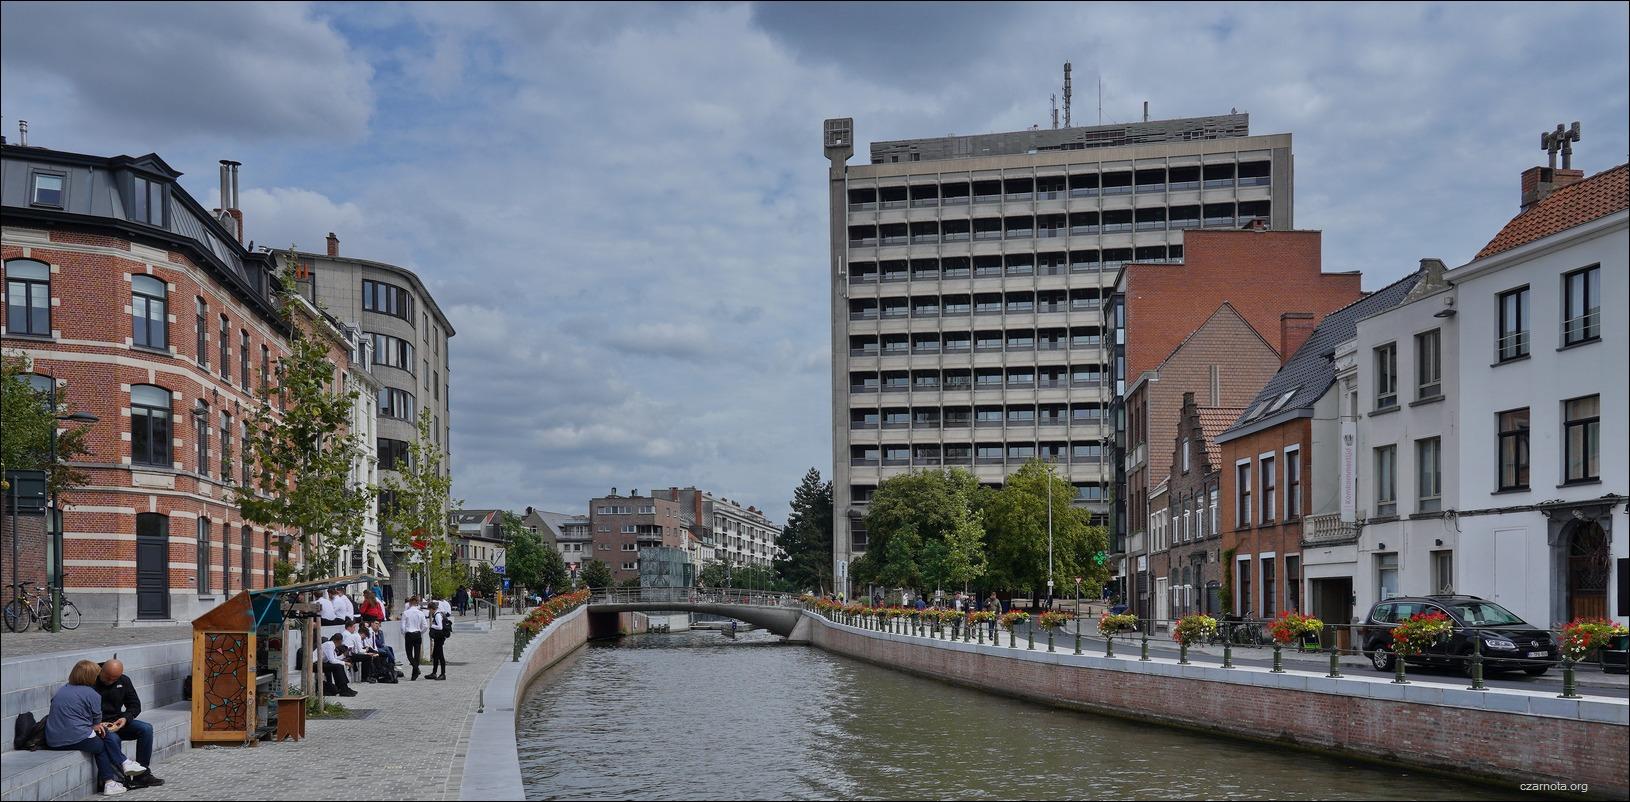 (Gent, Ghent, Gandawa) Belgacomtoren by Geo Bontinck and Dirk Bontinck